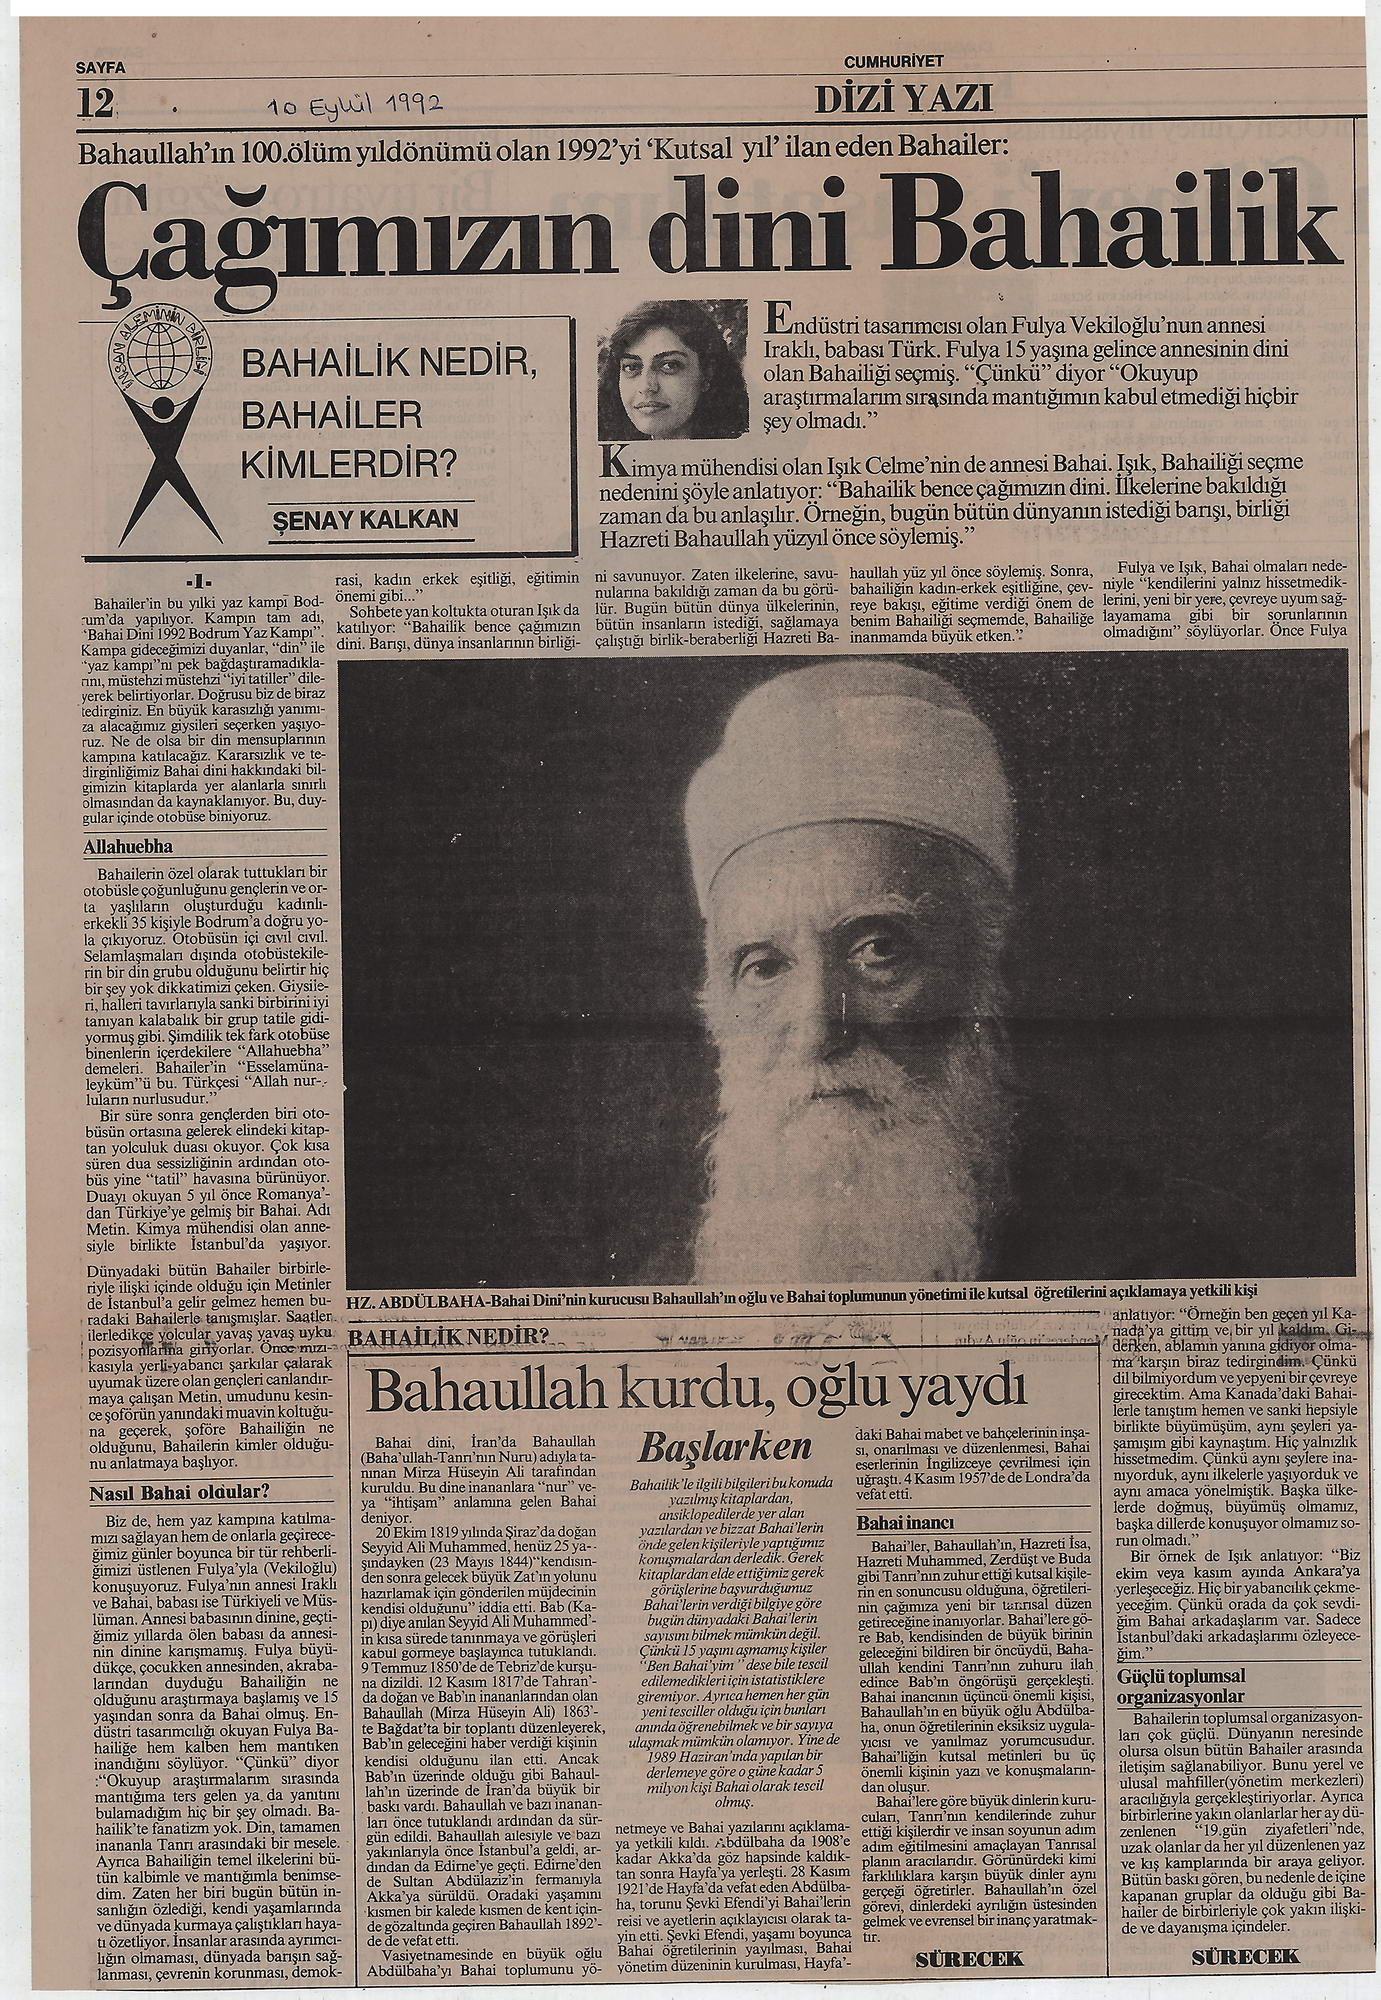 Milli Haber Arşivi - Cumhuriyet Gazetesi